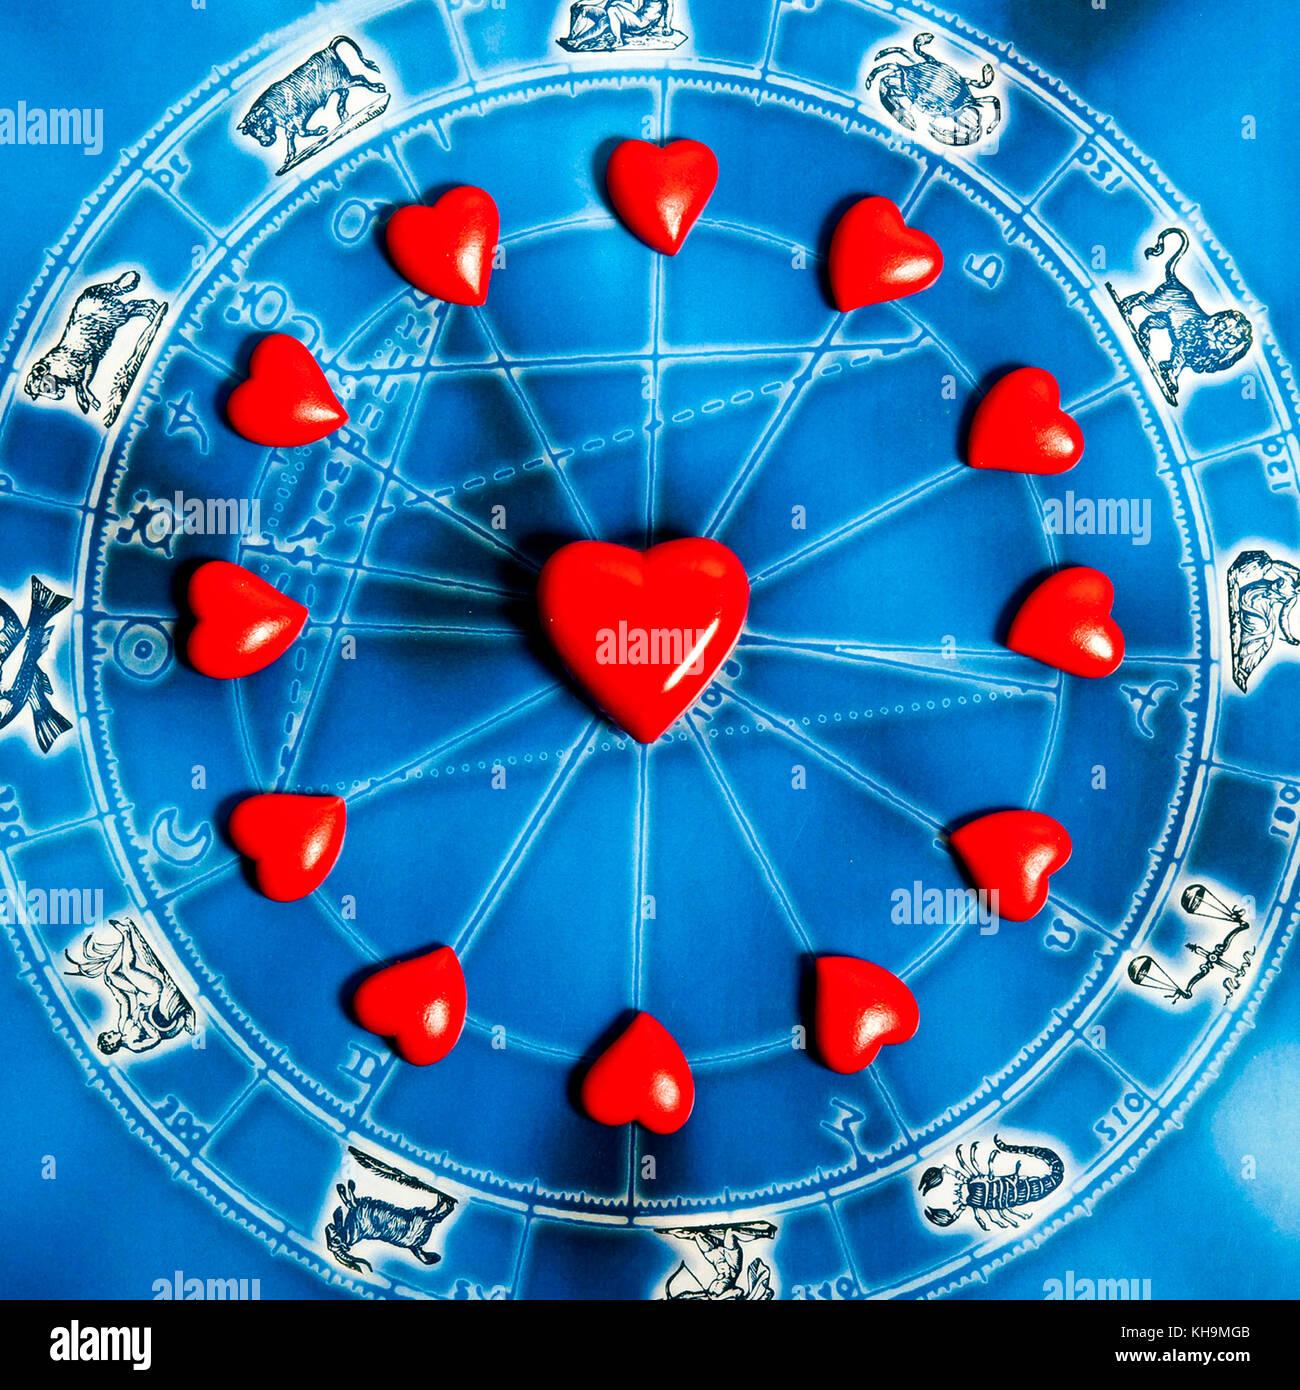 Tableau d'astrologie avec tous les signes du zodiaque et les cœurs, l'amour pour concept d'astrologie Photo Stock